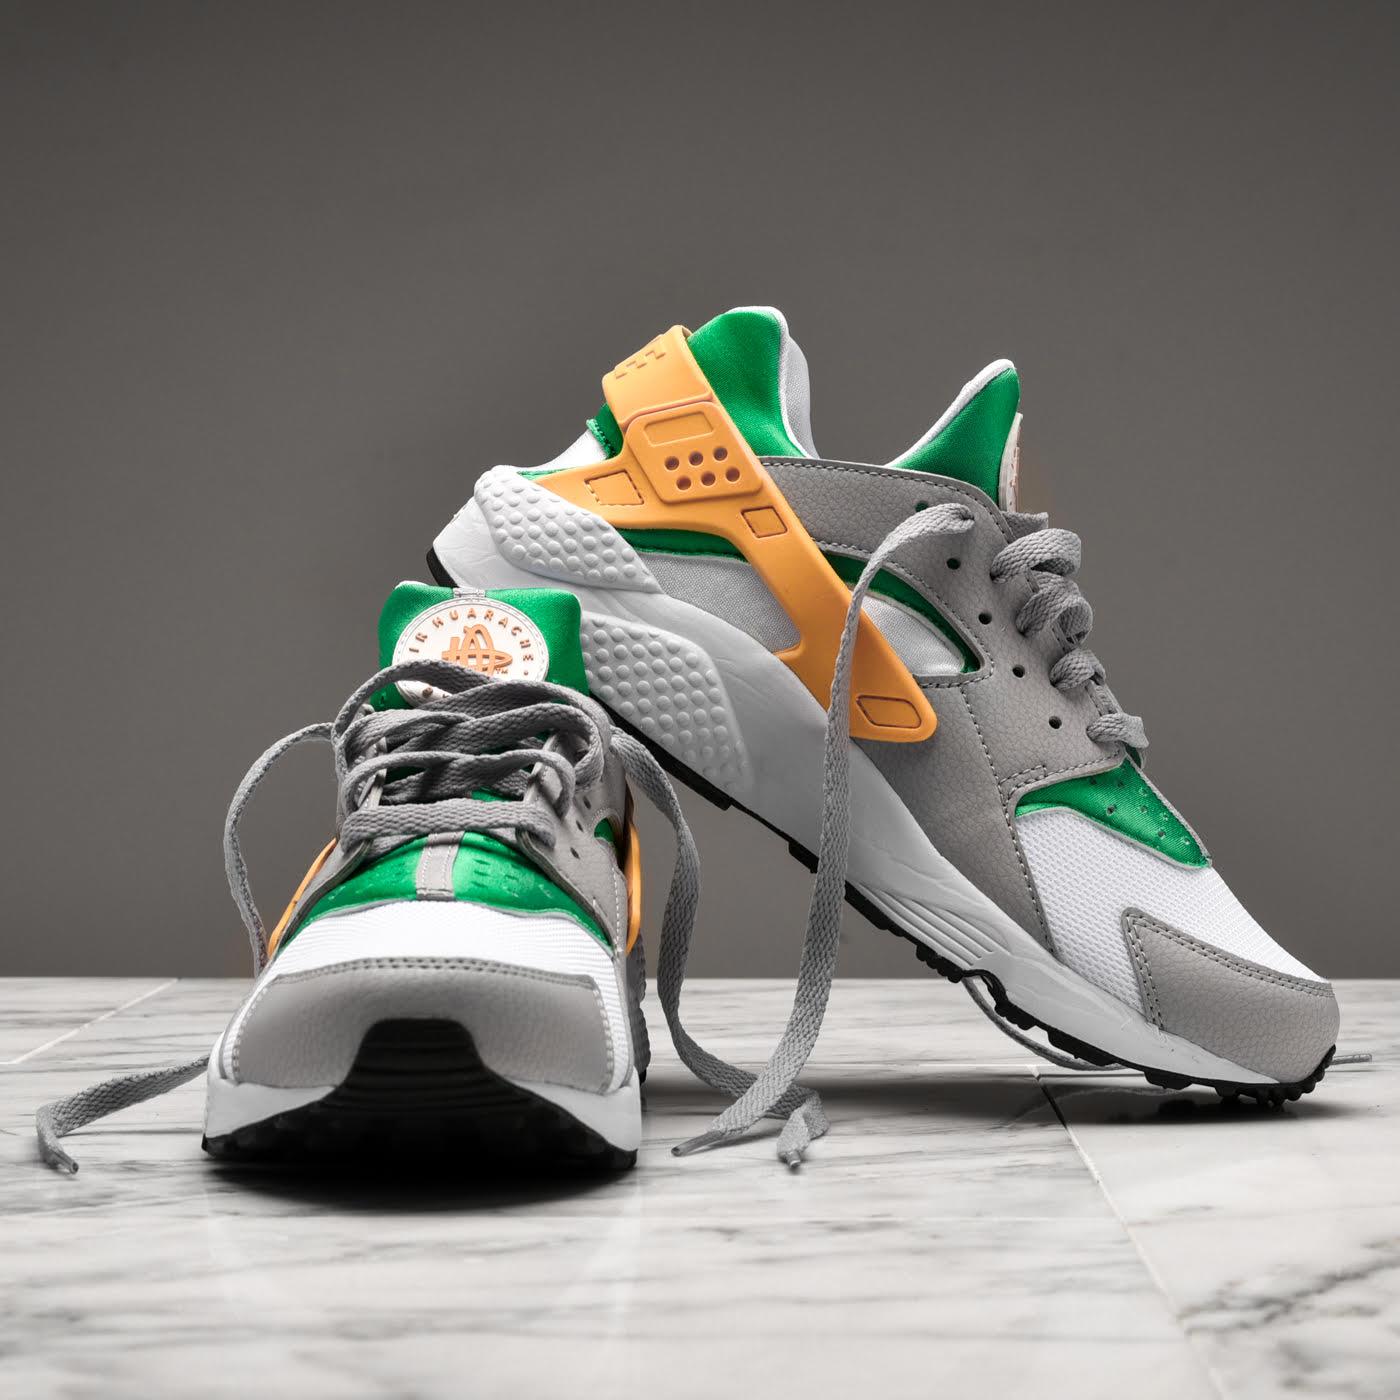 """cf01b1d8a66d Nike Air Huarache """"Oregon Ducks """". Nike Air Huarache """"Oregon Ducks """"  features a Lucid Green"""